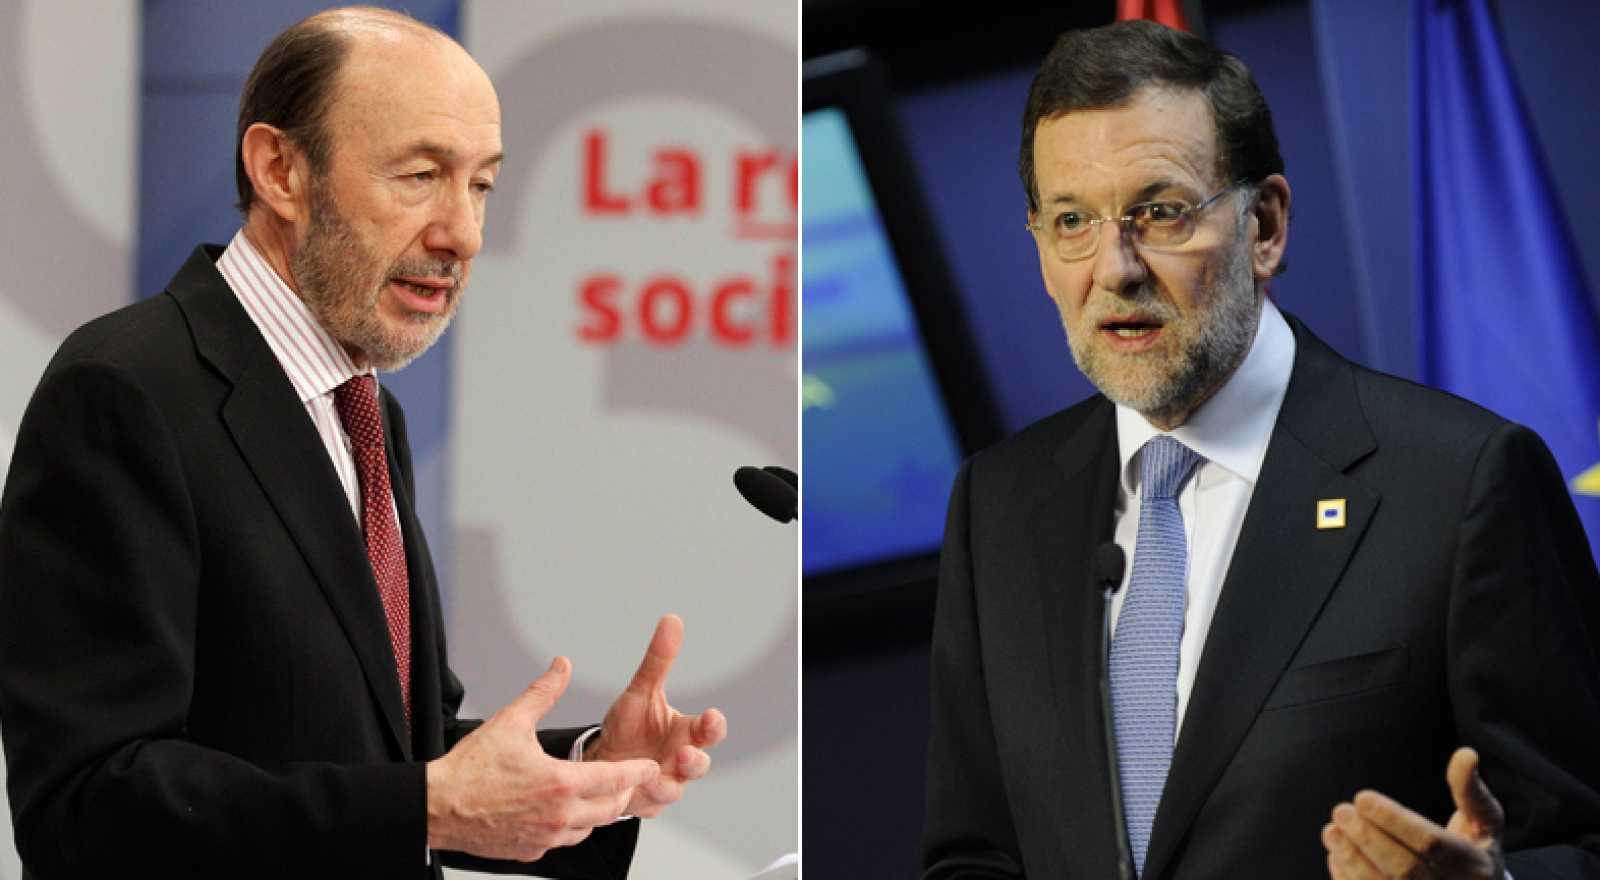 Primer cara a cara de Rajoy y Rubalcaba en el Congreso de los Diputados